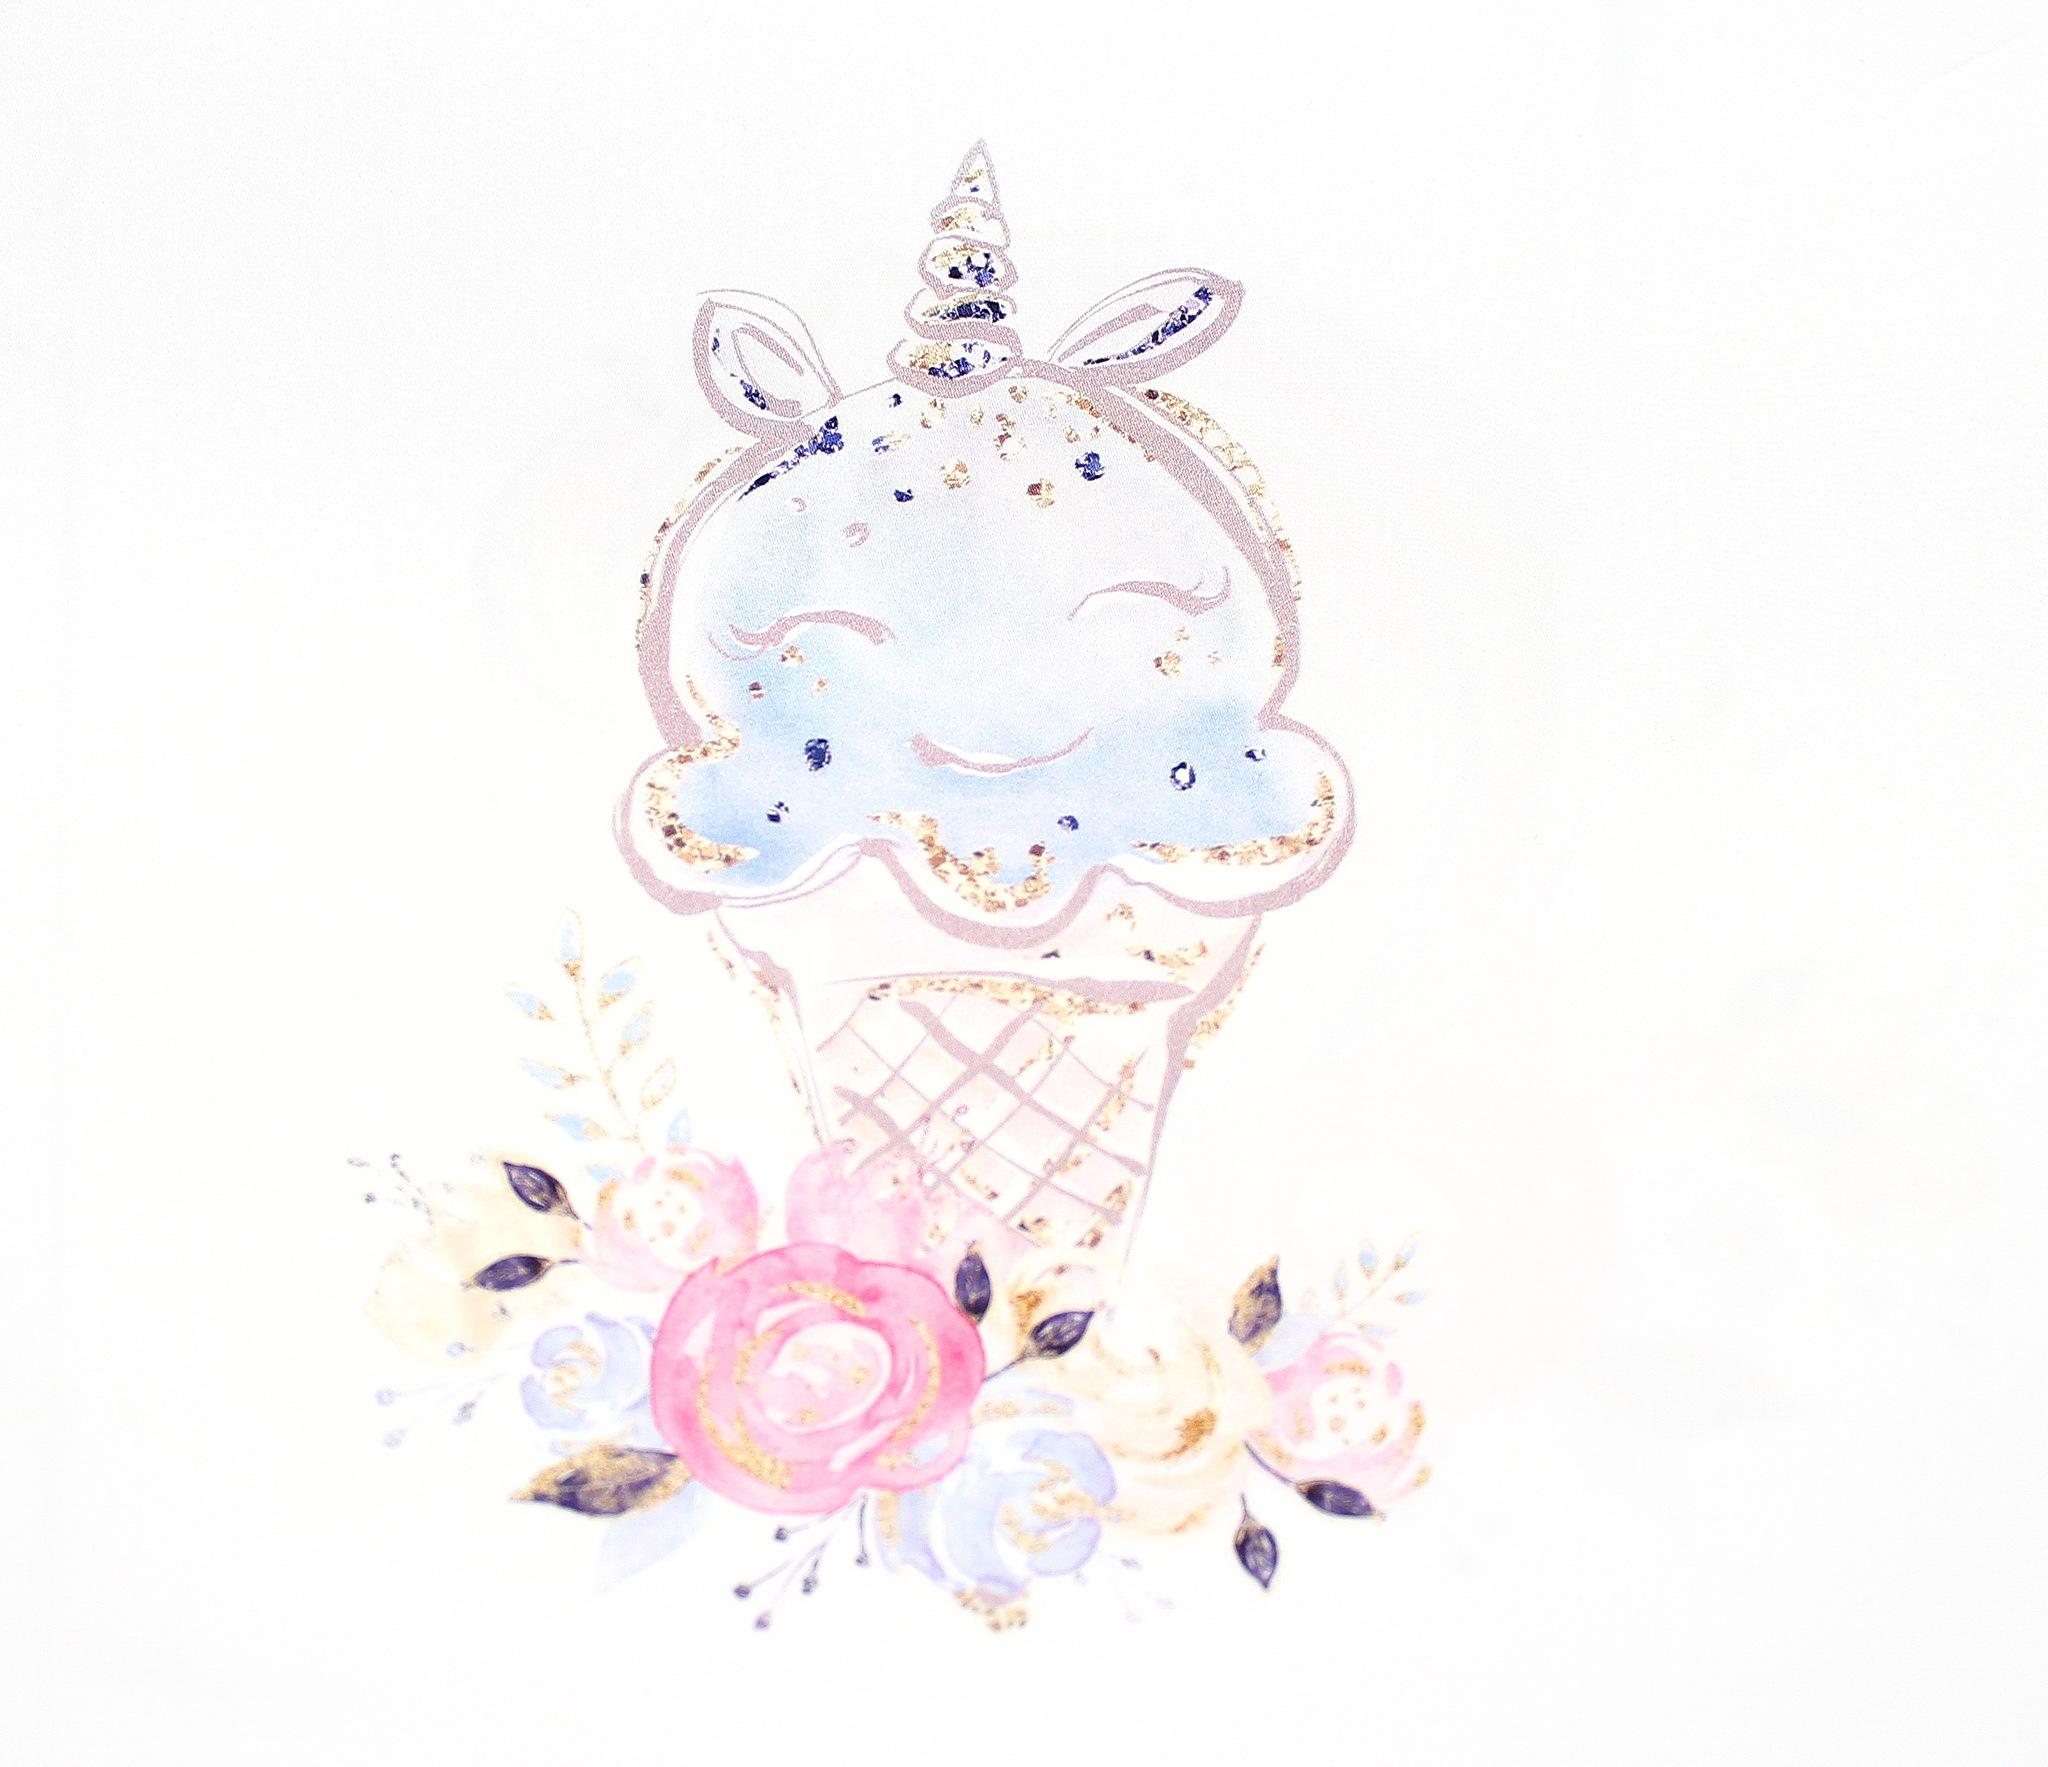 Панель(купон) единорог и мороженое -35*35 см, 4 шт.